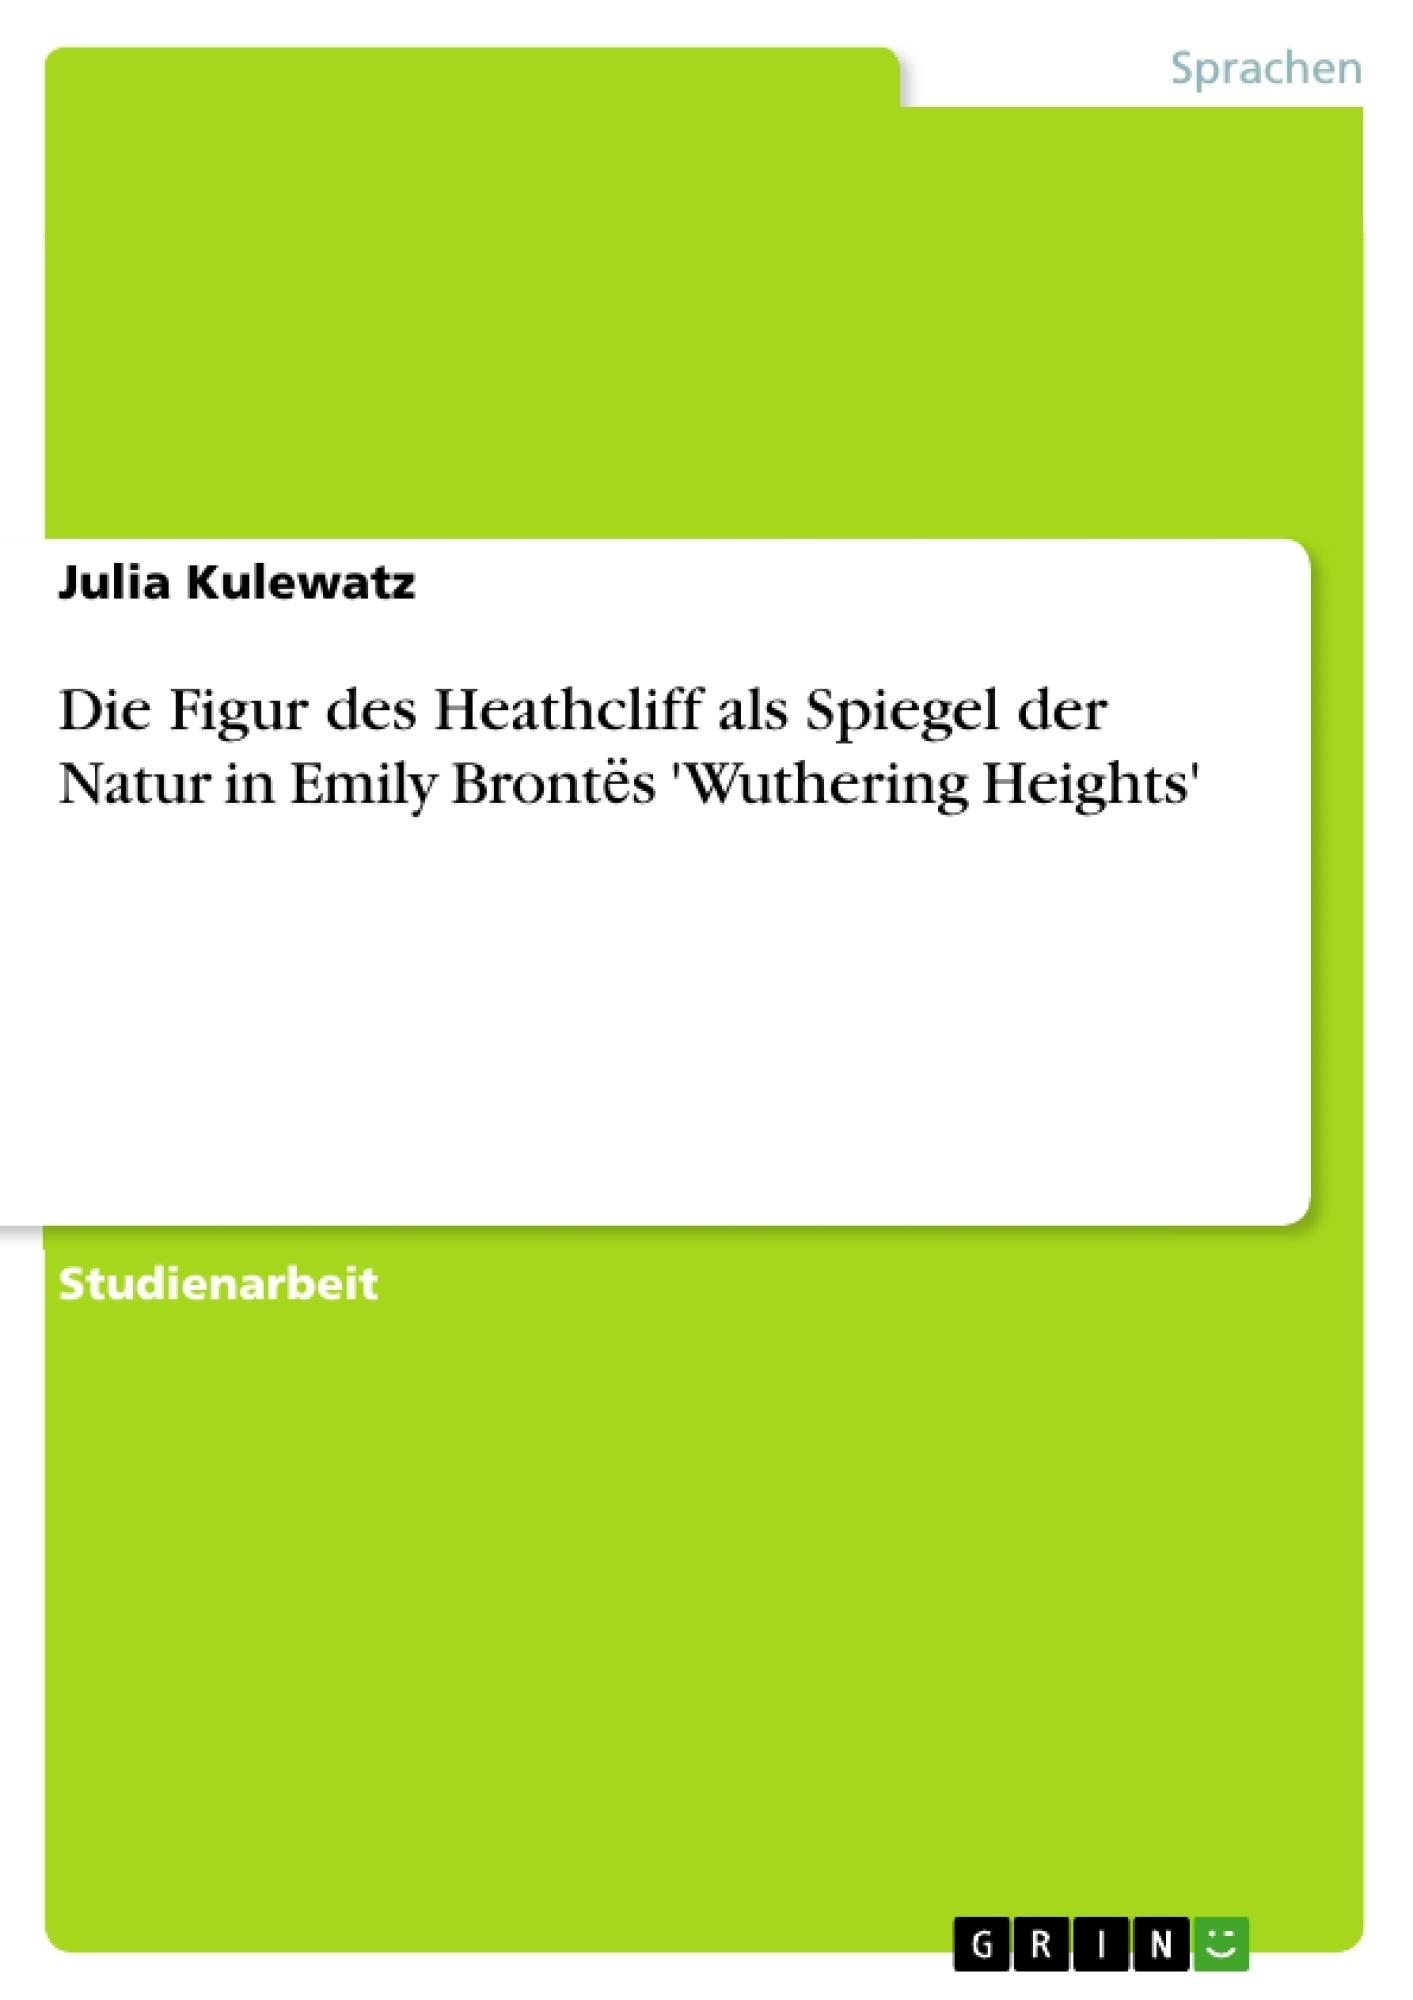 Titel: Die Figur des Heathcliff als Spiegel der Natur in Emily Brontёs 'Wuthering Heights'